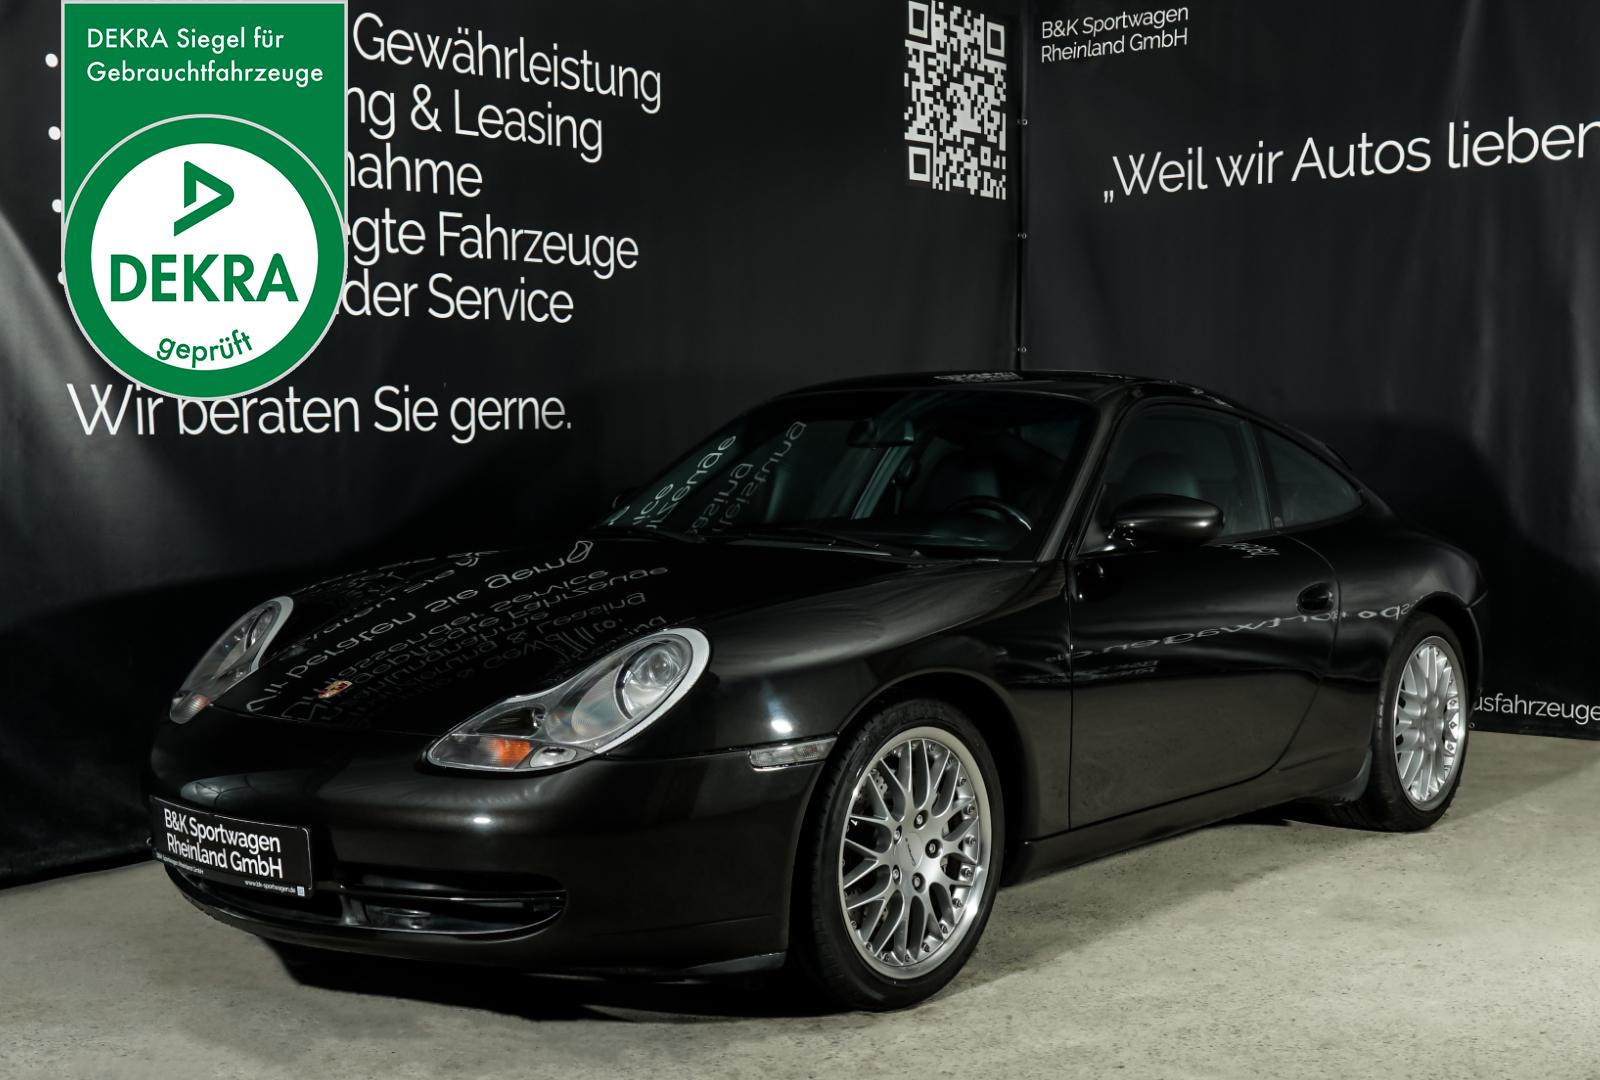 Porsche_996_Schwarz_Schwarz_POR-3578_Plakette_w